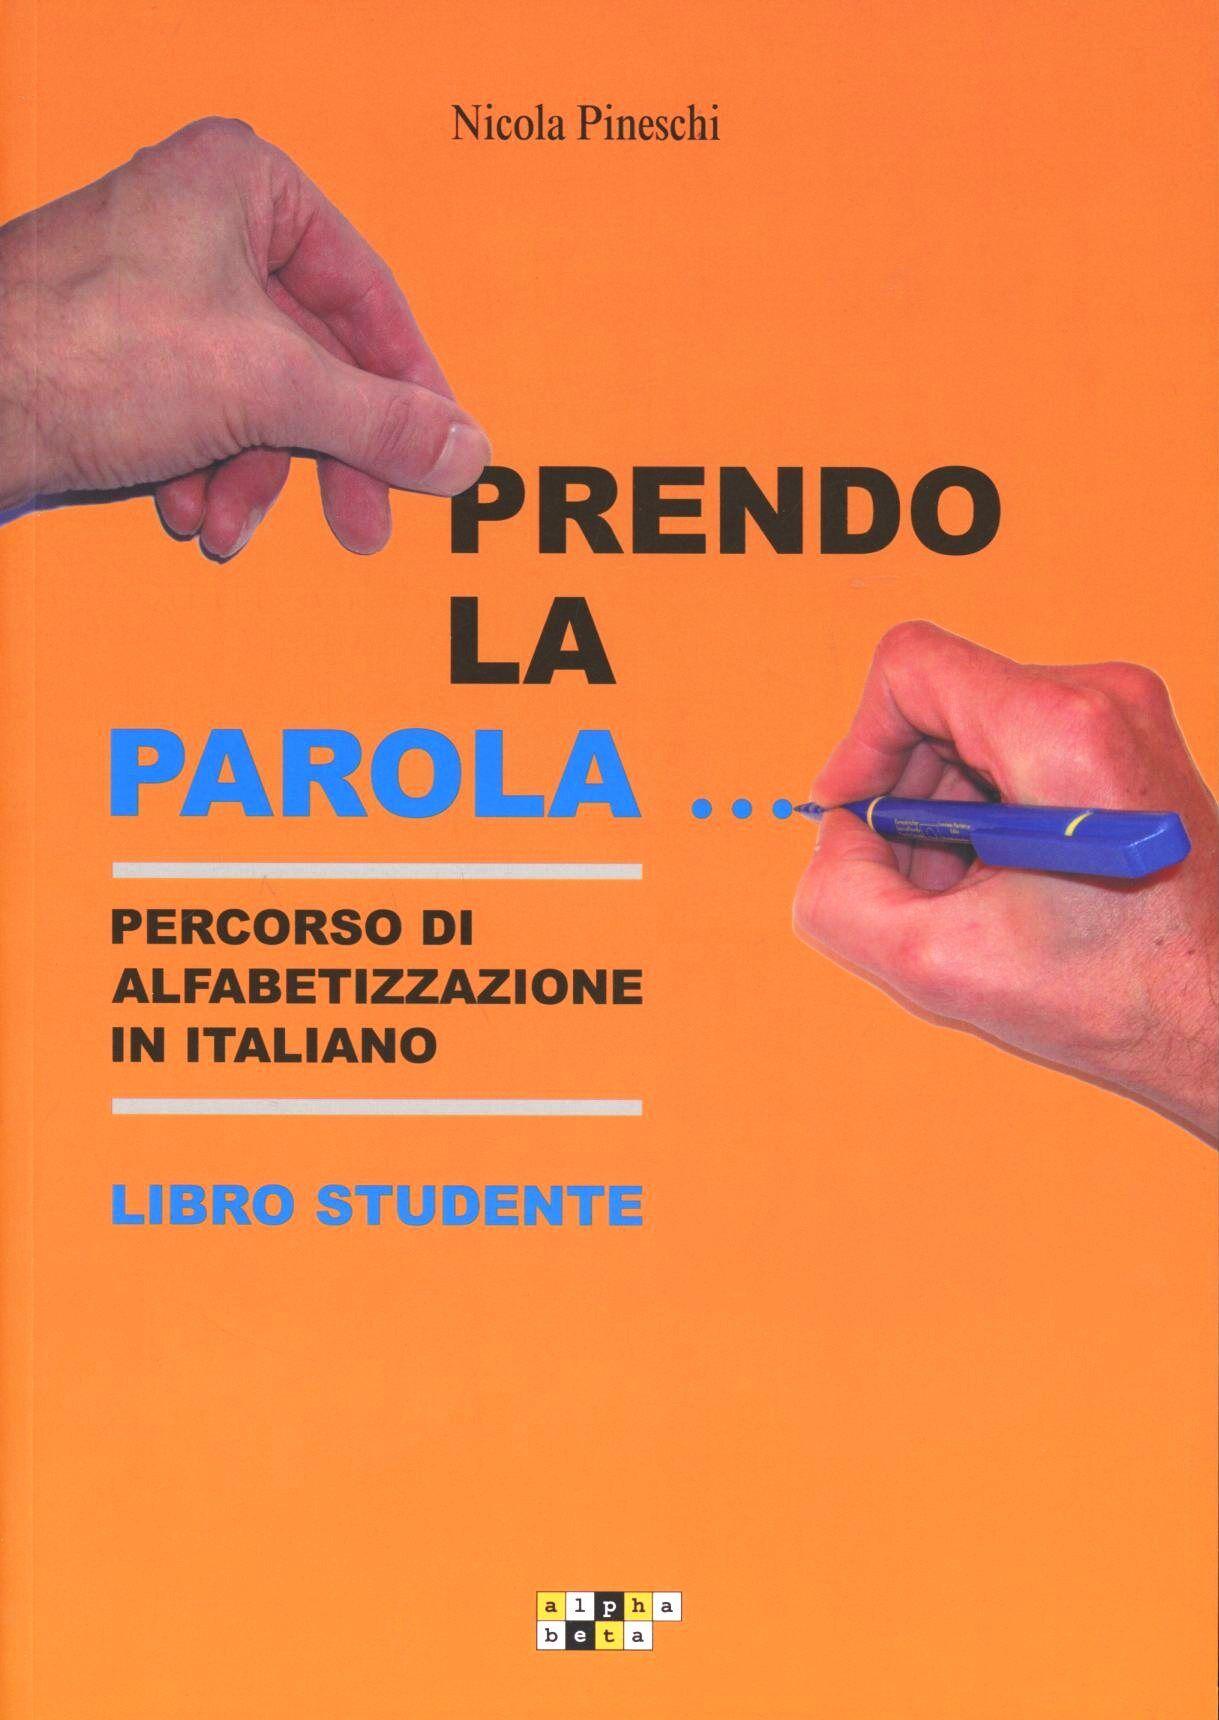 Prendo la parola... Percorso di alfabetizzazione in italiano. Libro studente